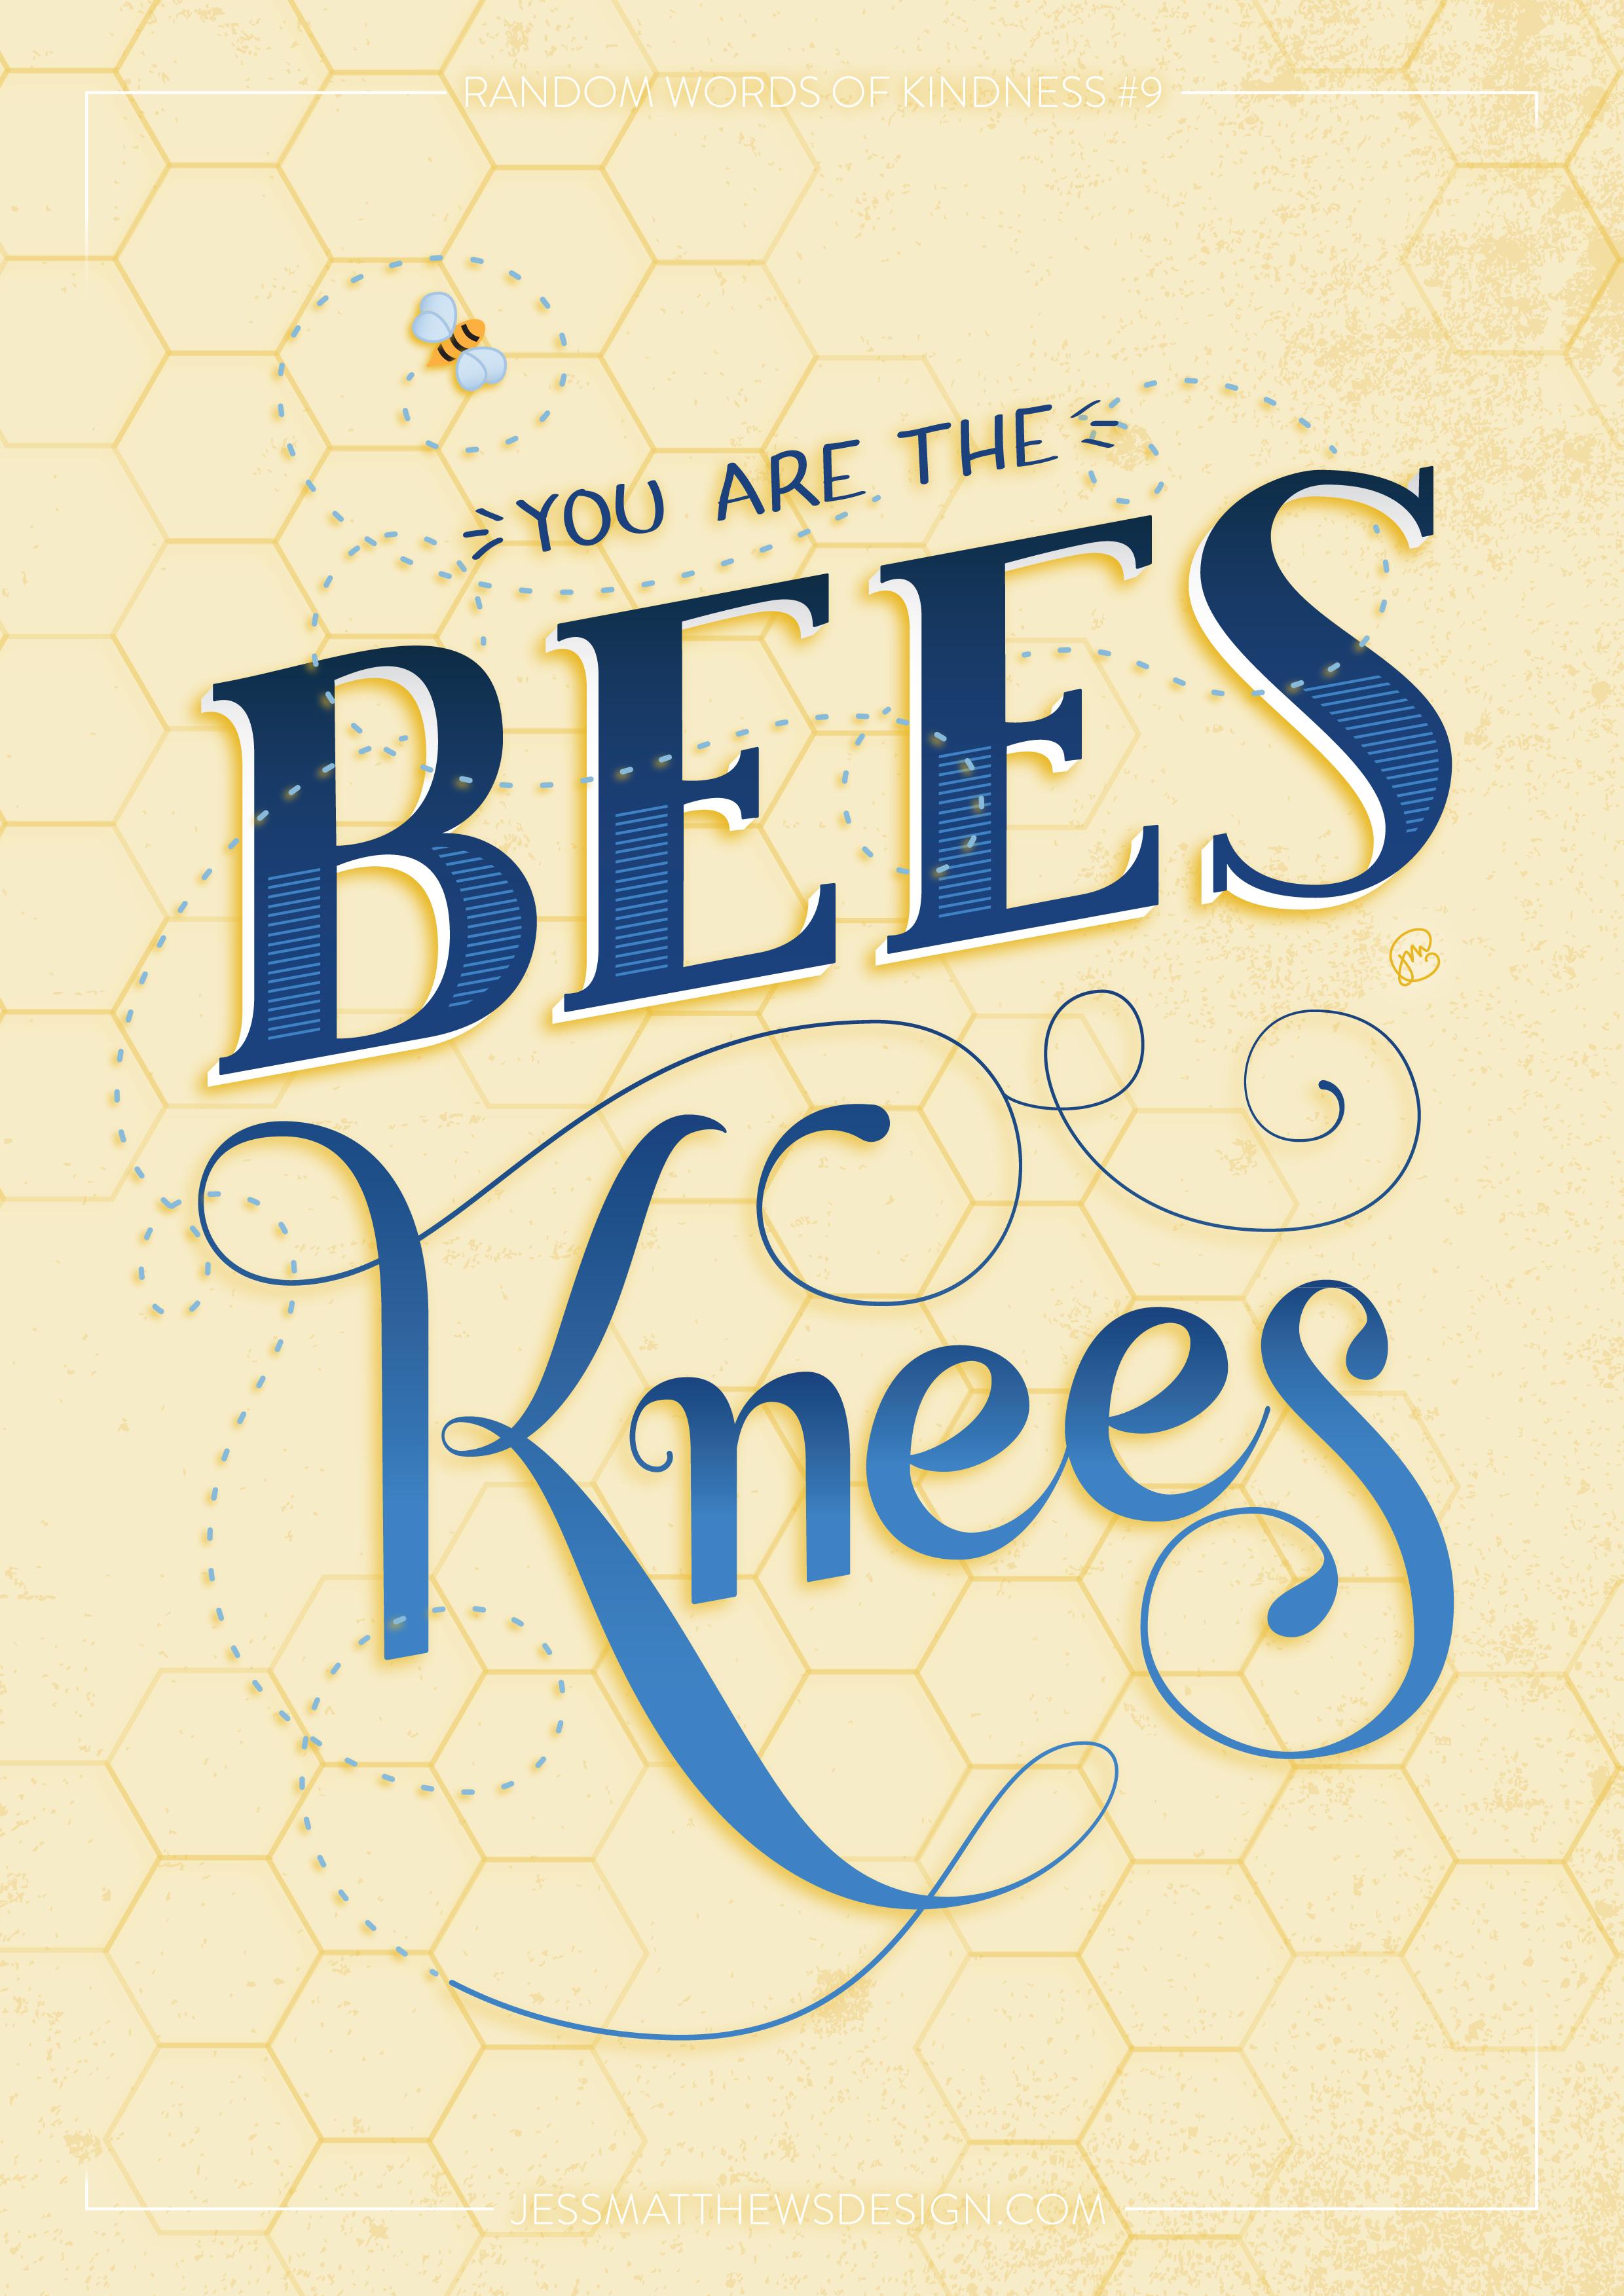 JM_Bees Knees_v1_RGB_20140928